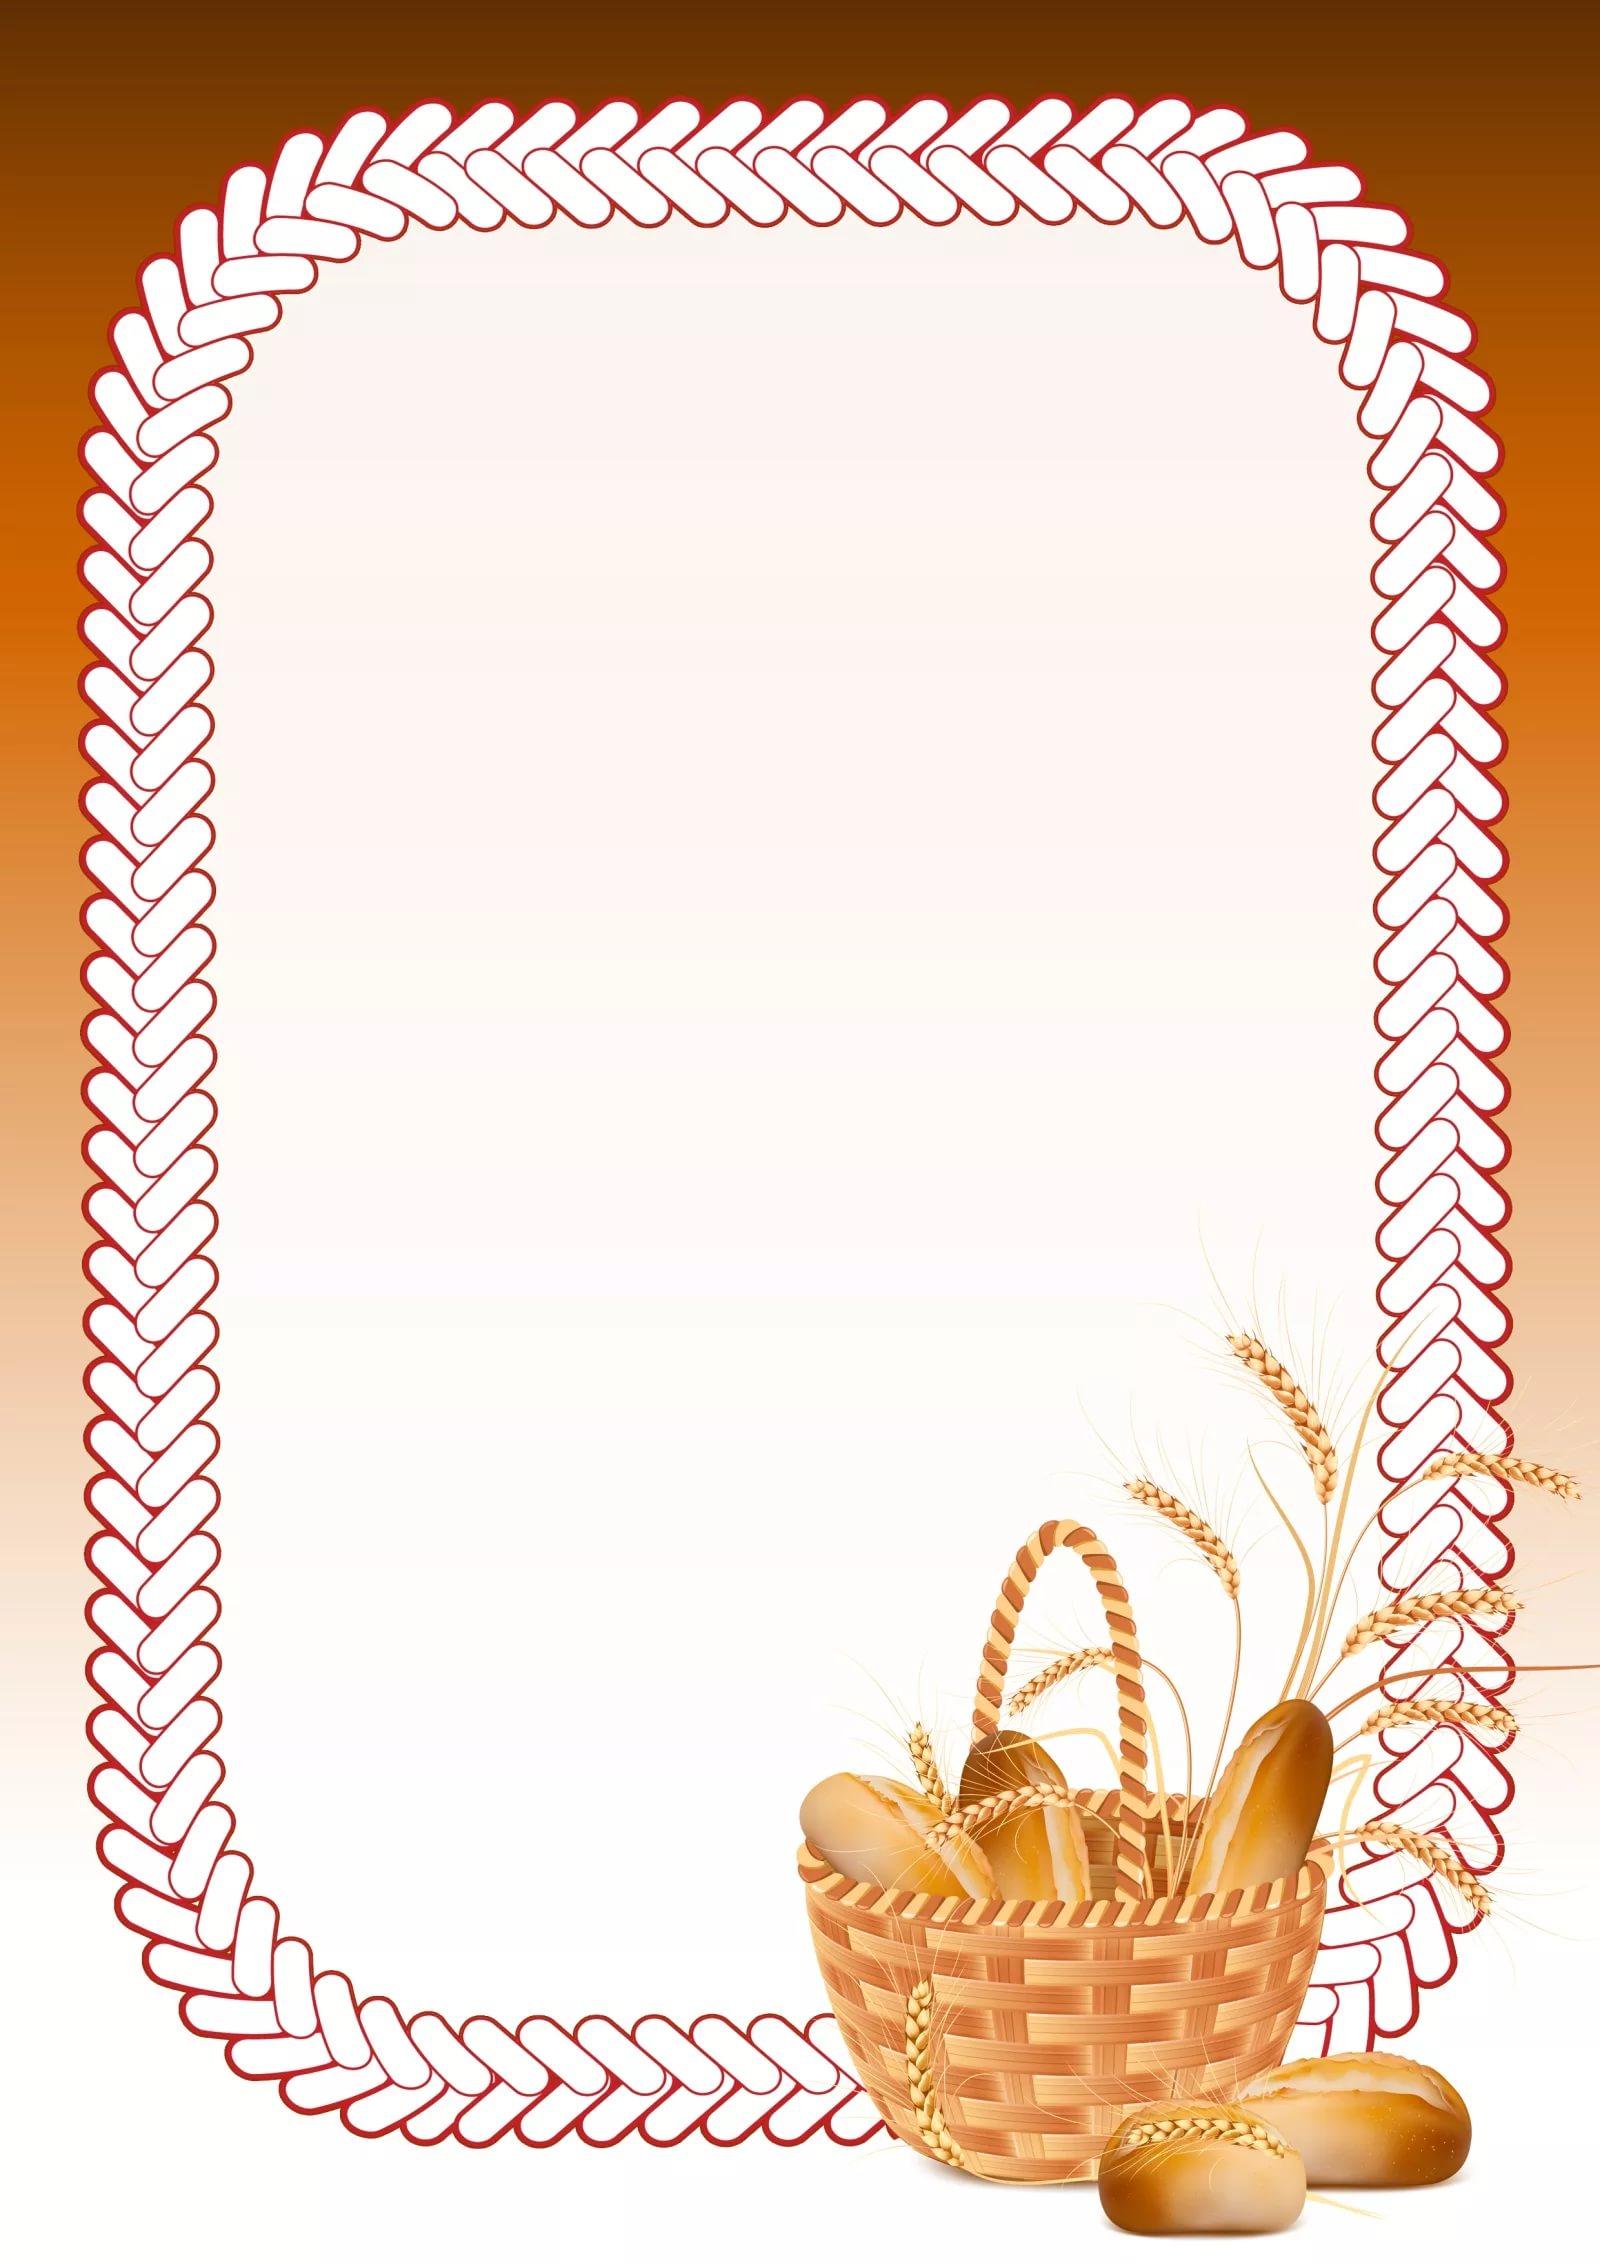 картинки рамки для презентации хлеб регби сша объявила